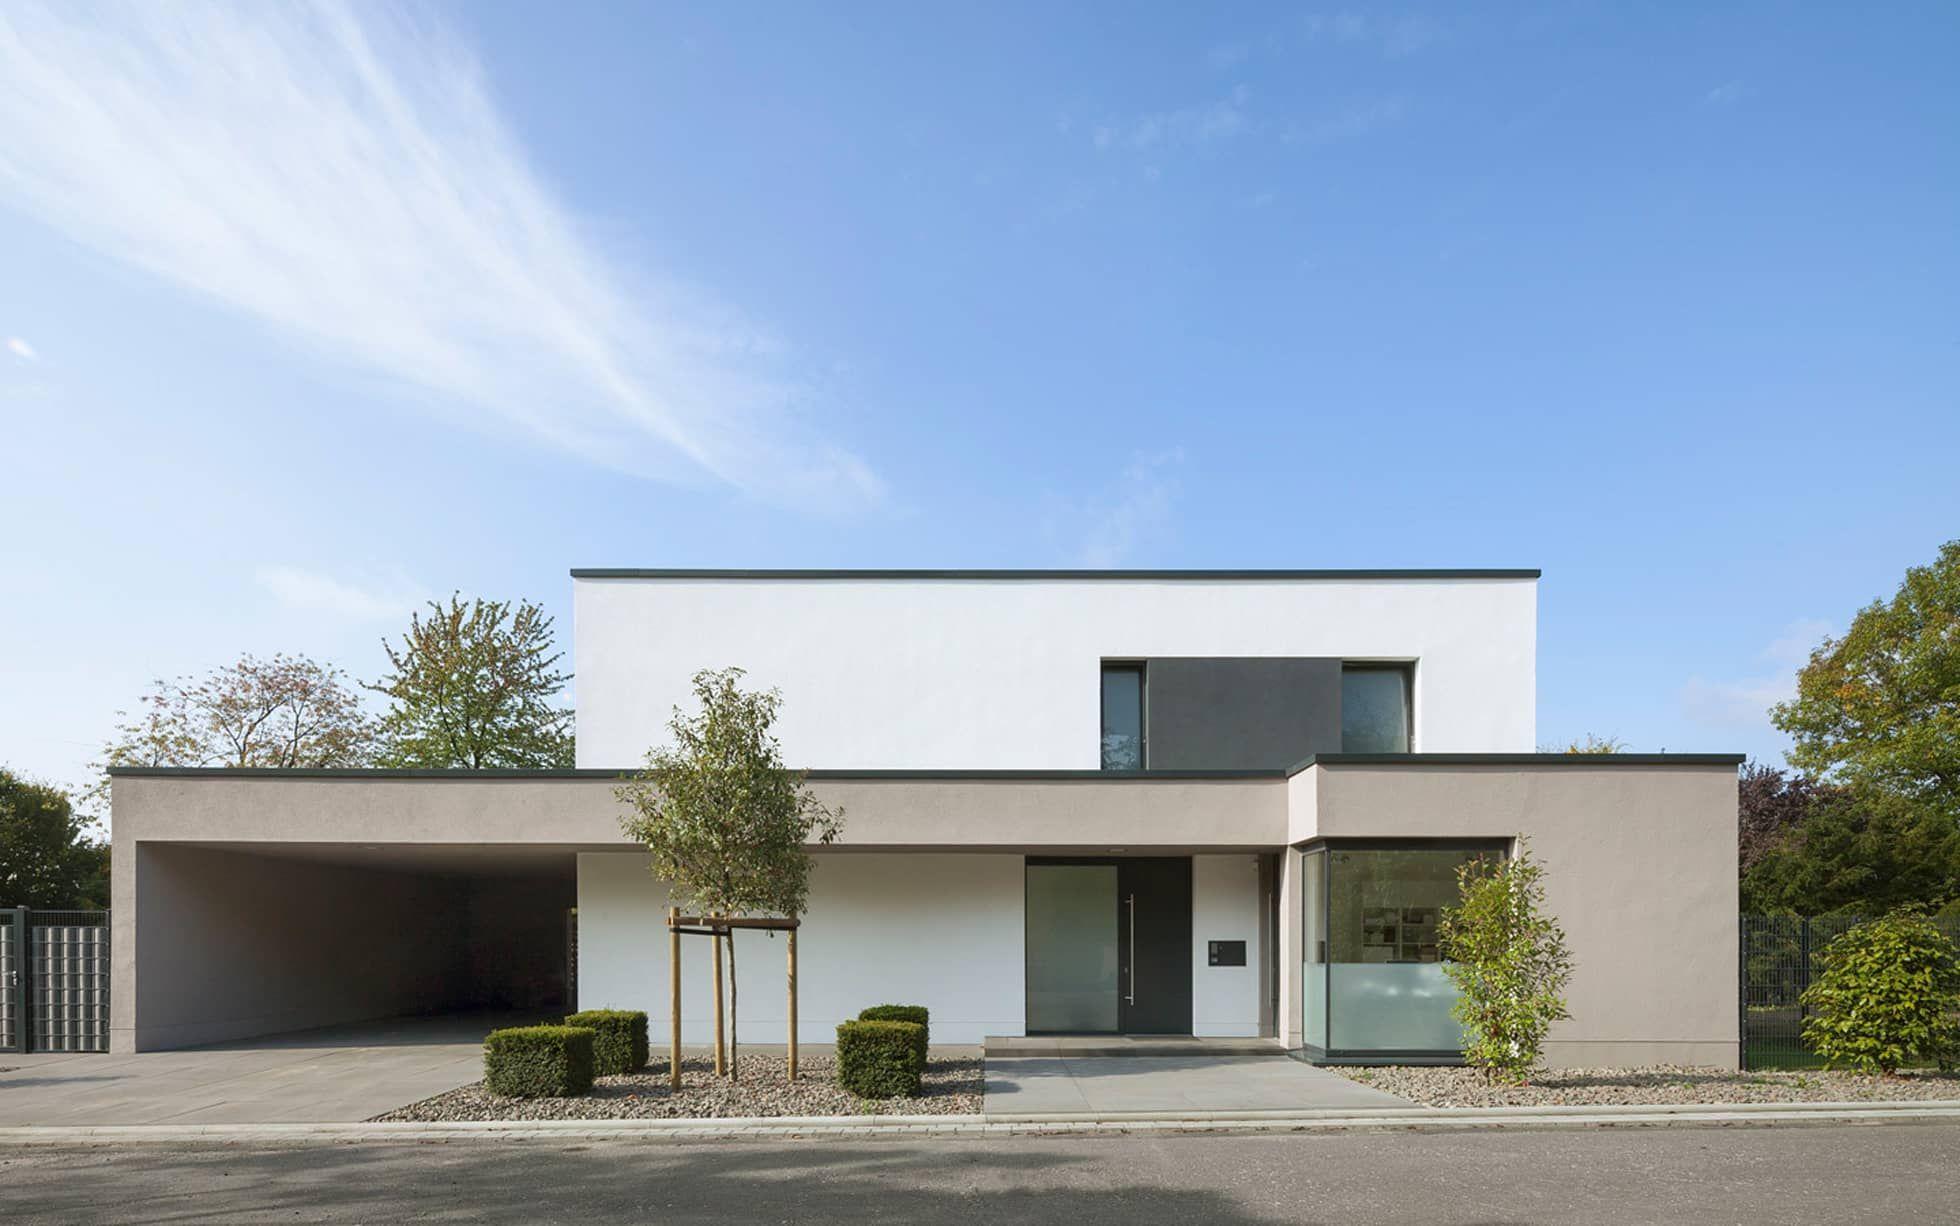 Skandella architektur innenarchitektur minimalistische huizen ...